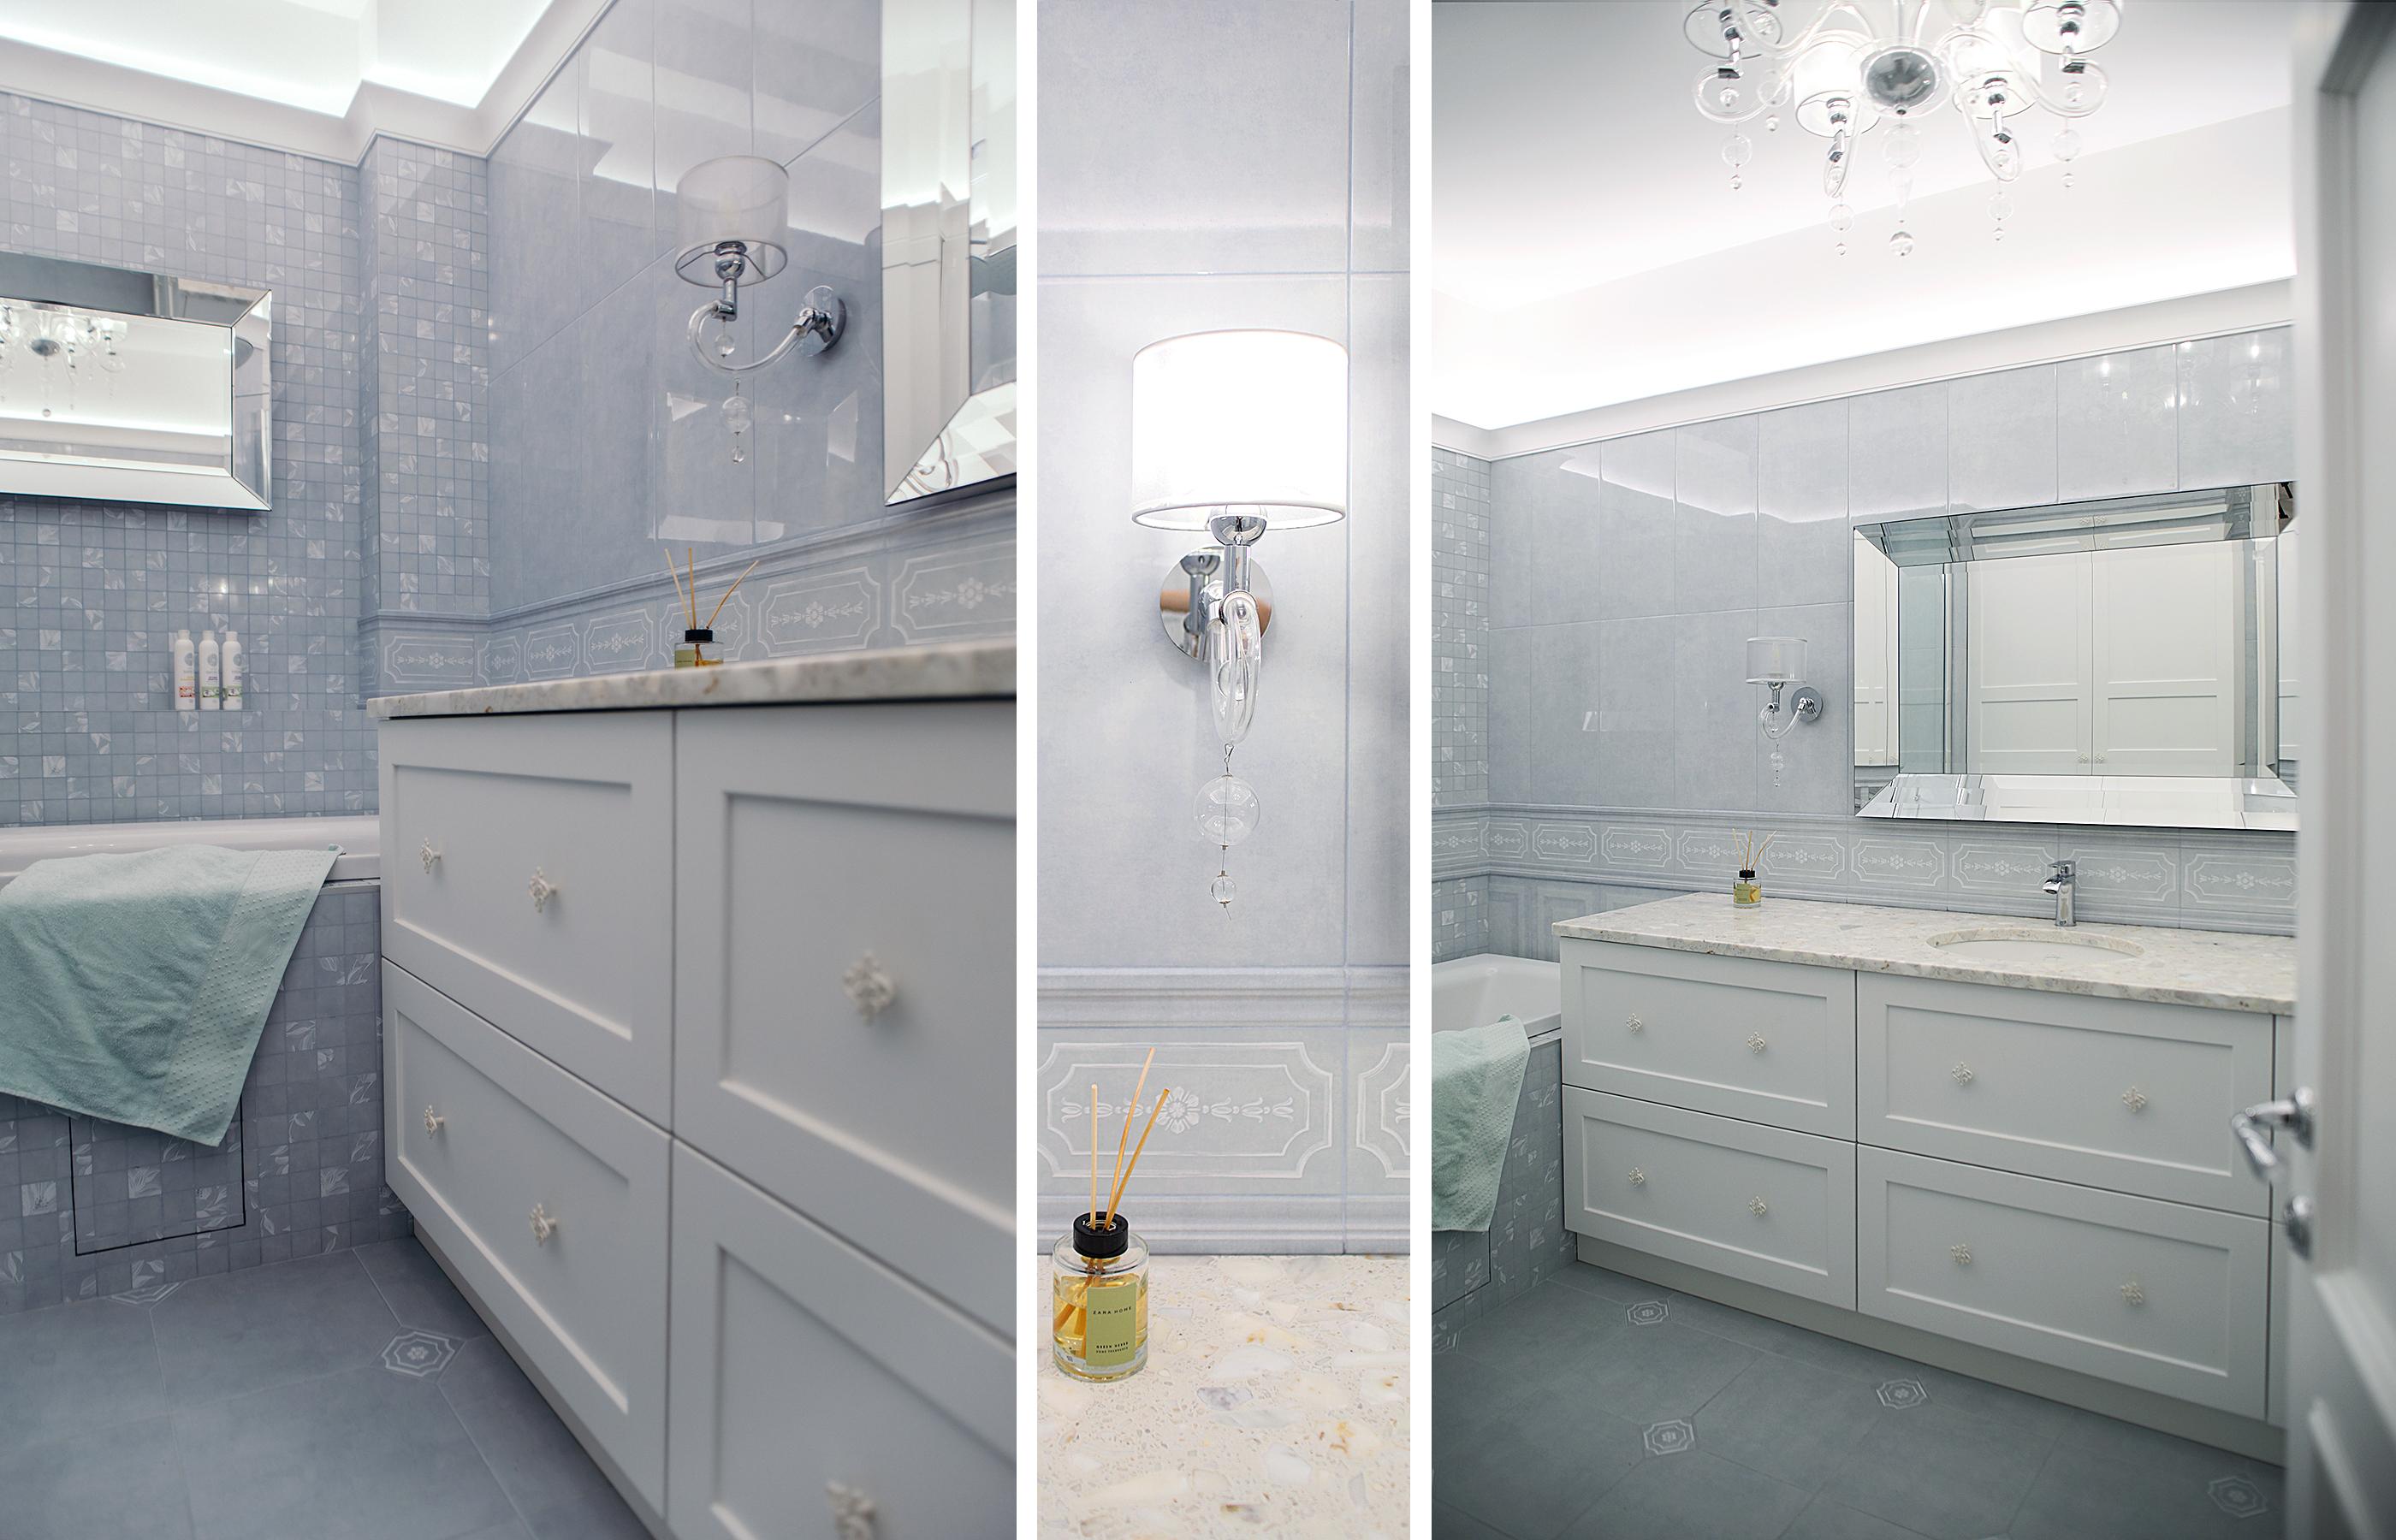 Главное требование хозяйки к интерьеру ванной комнаты: большая столешница и много ящиков для хранения вещей.